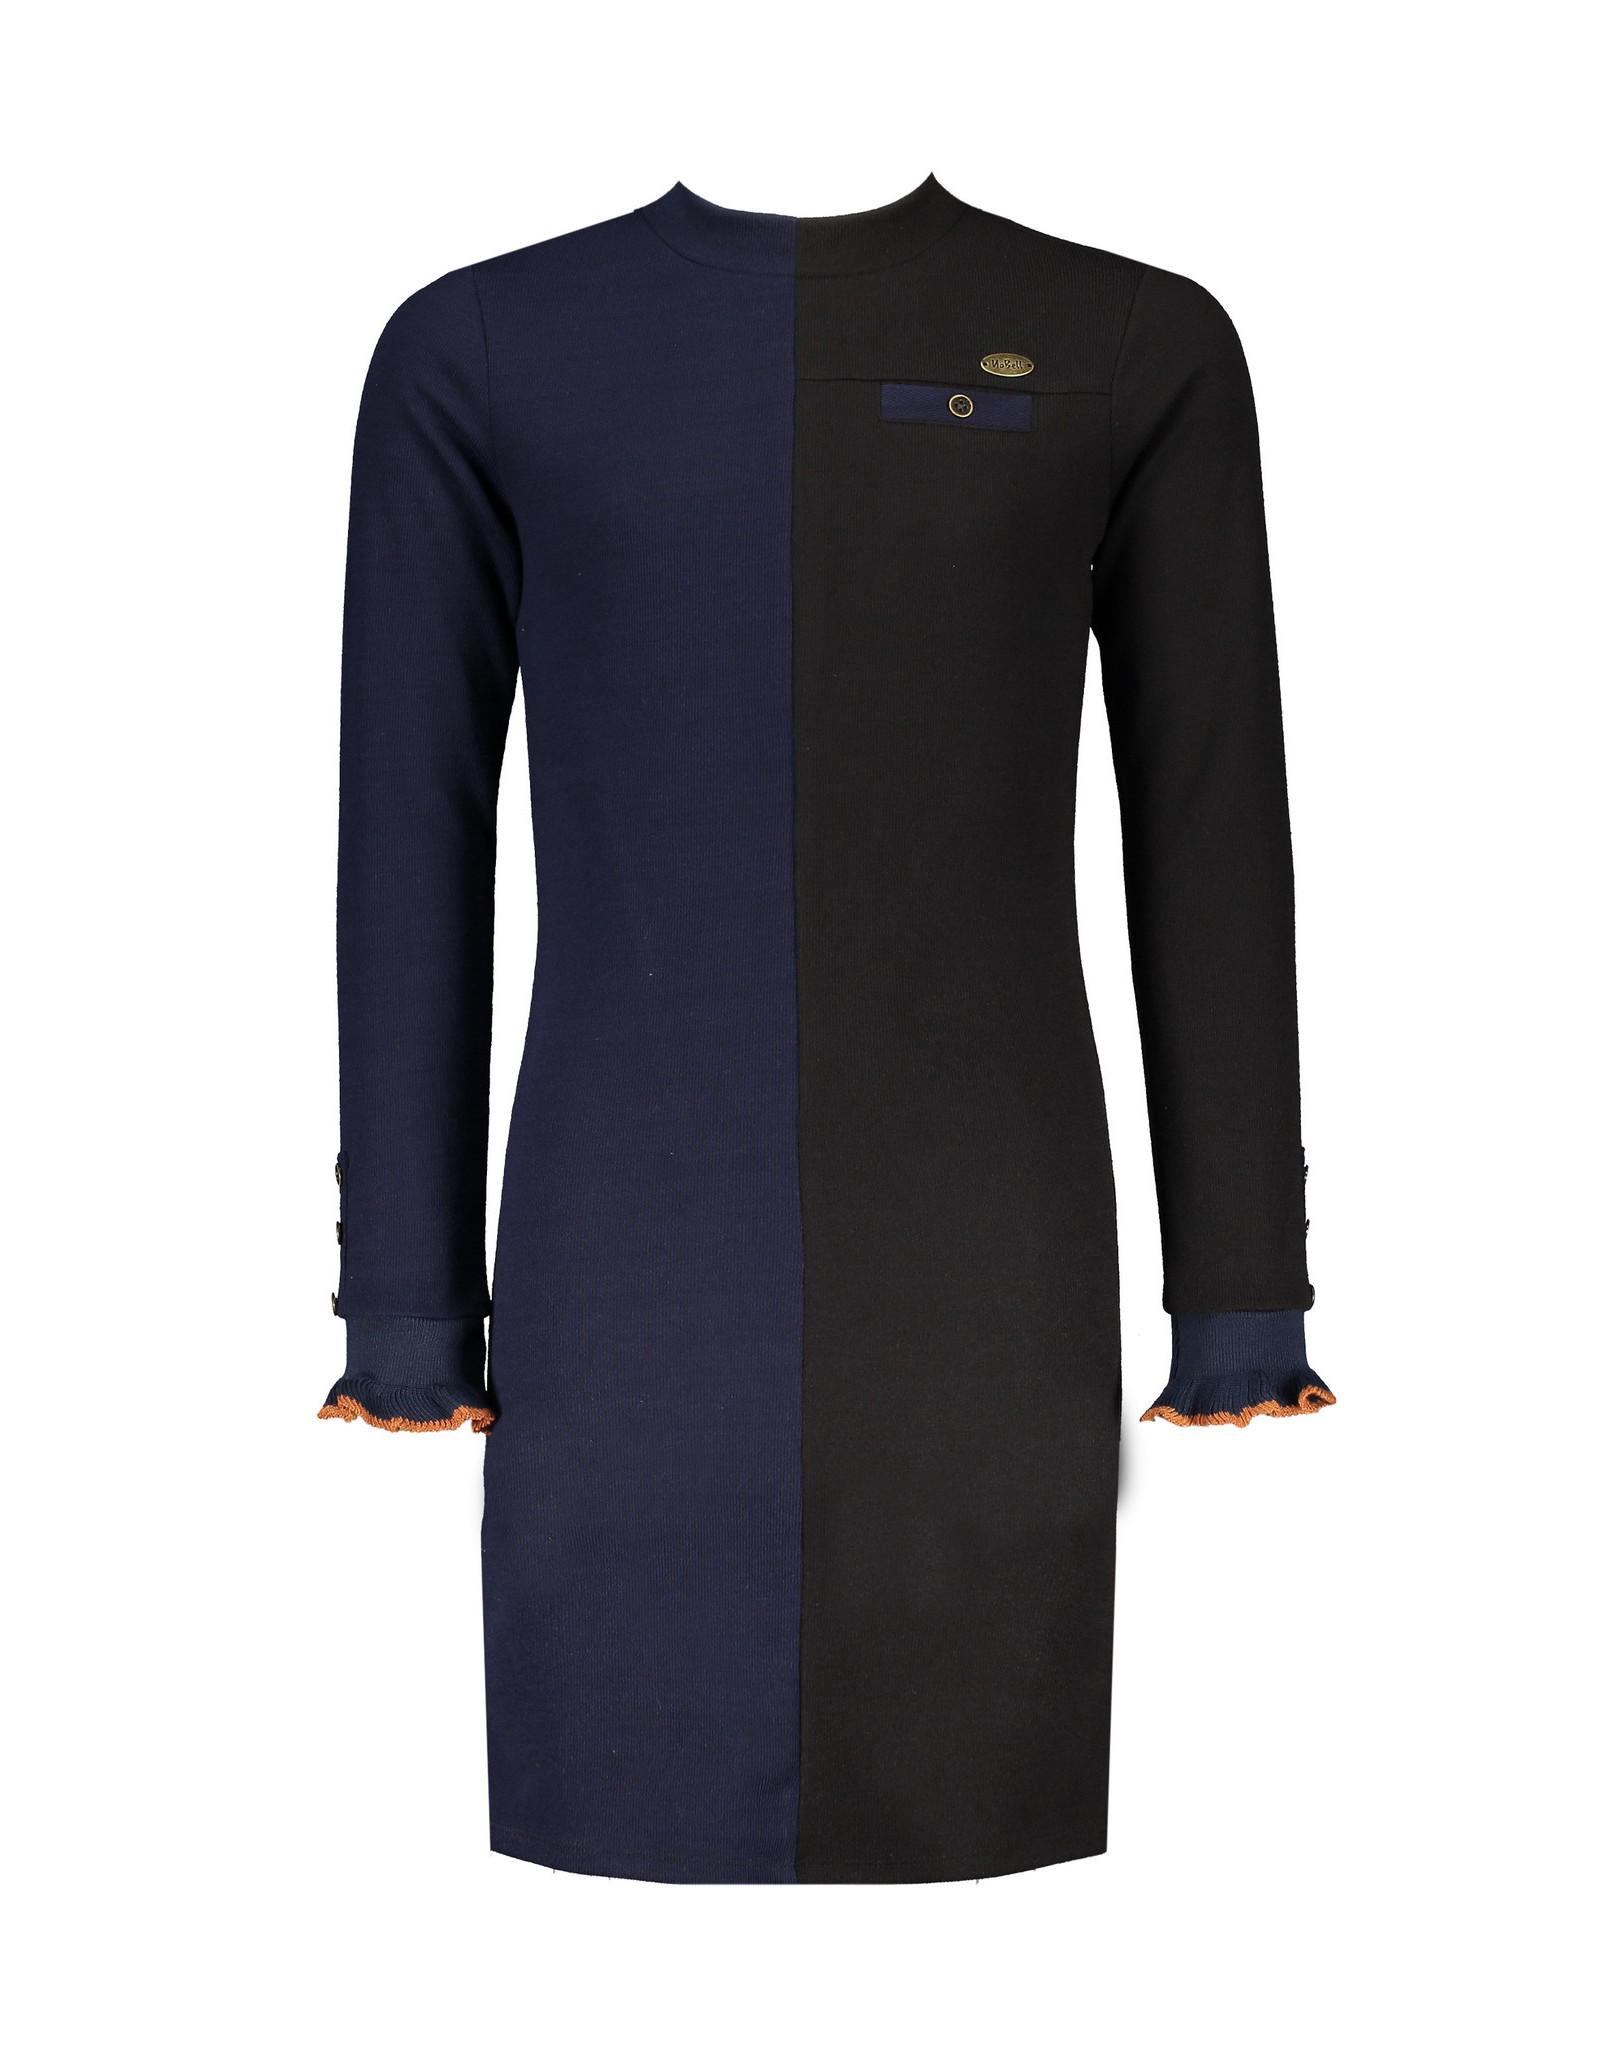 Nobell NoBell jurk 3804 phantom